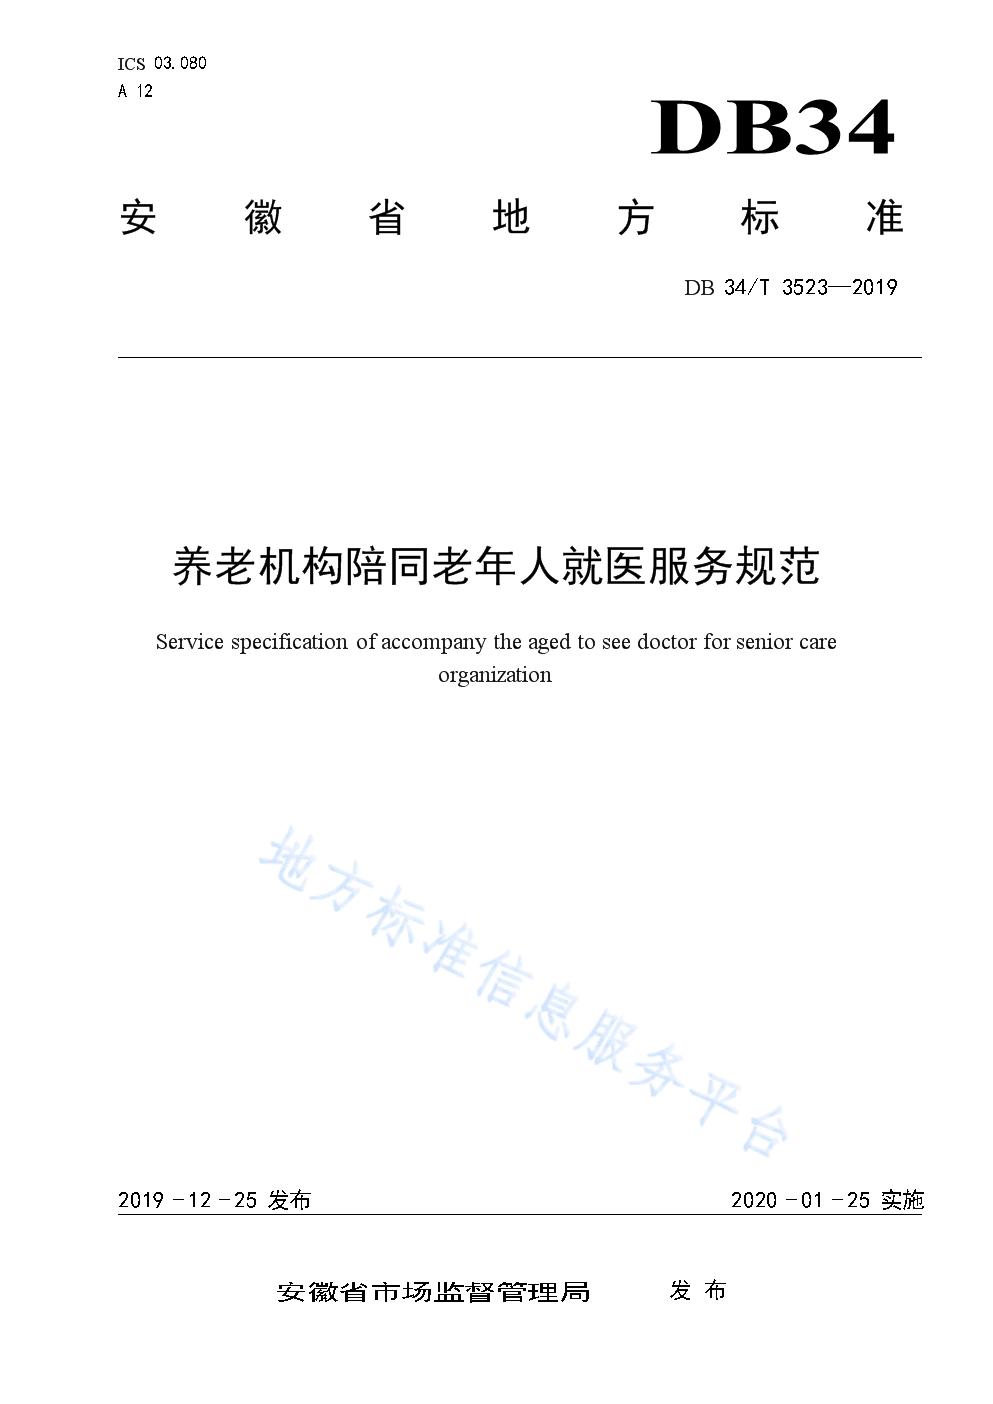 养老机构陪同老年人就医服务规范-DB34_T3523-2019.docx